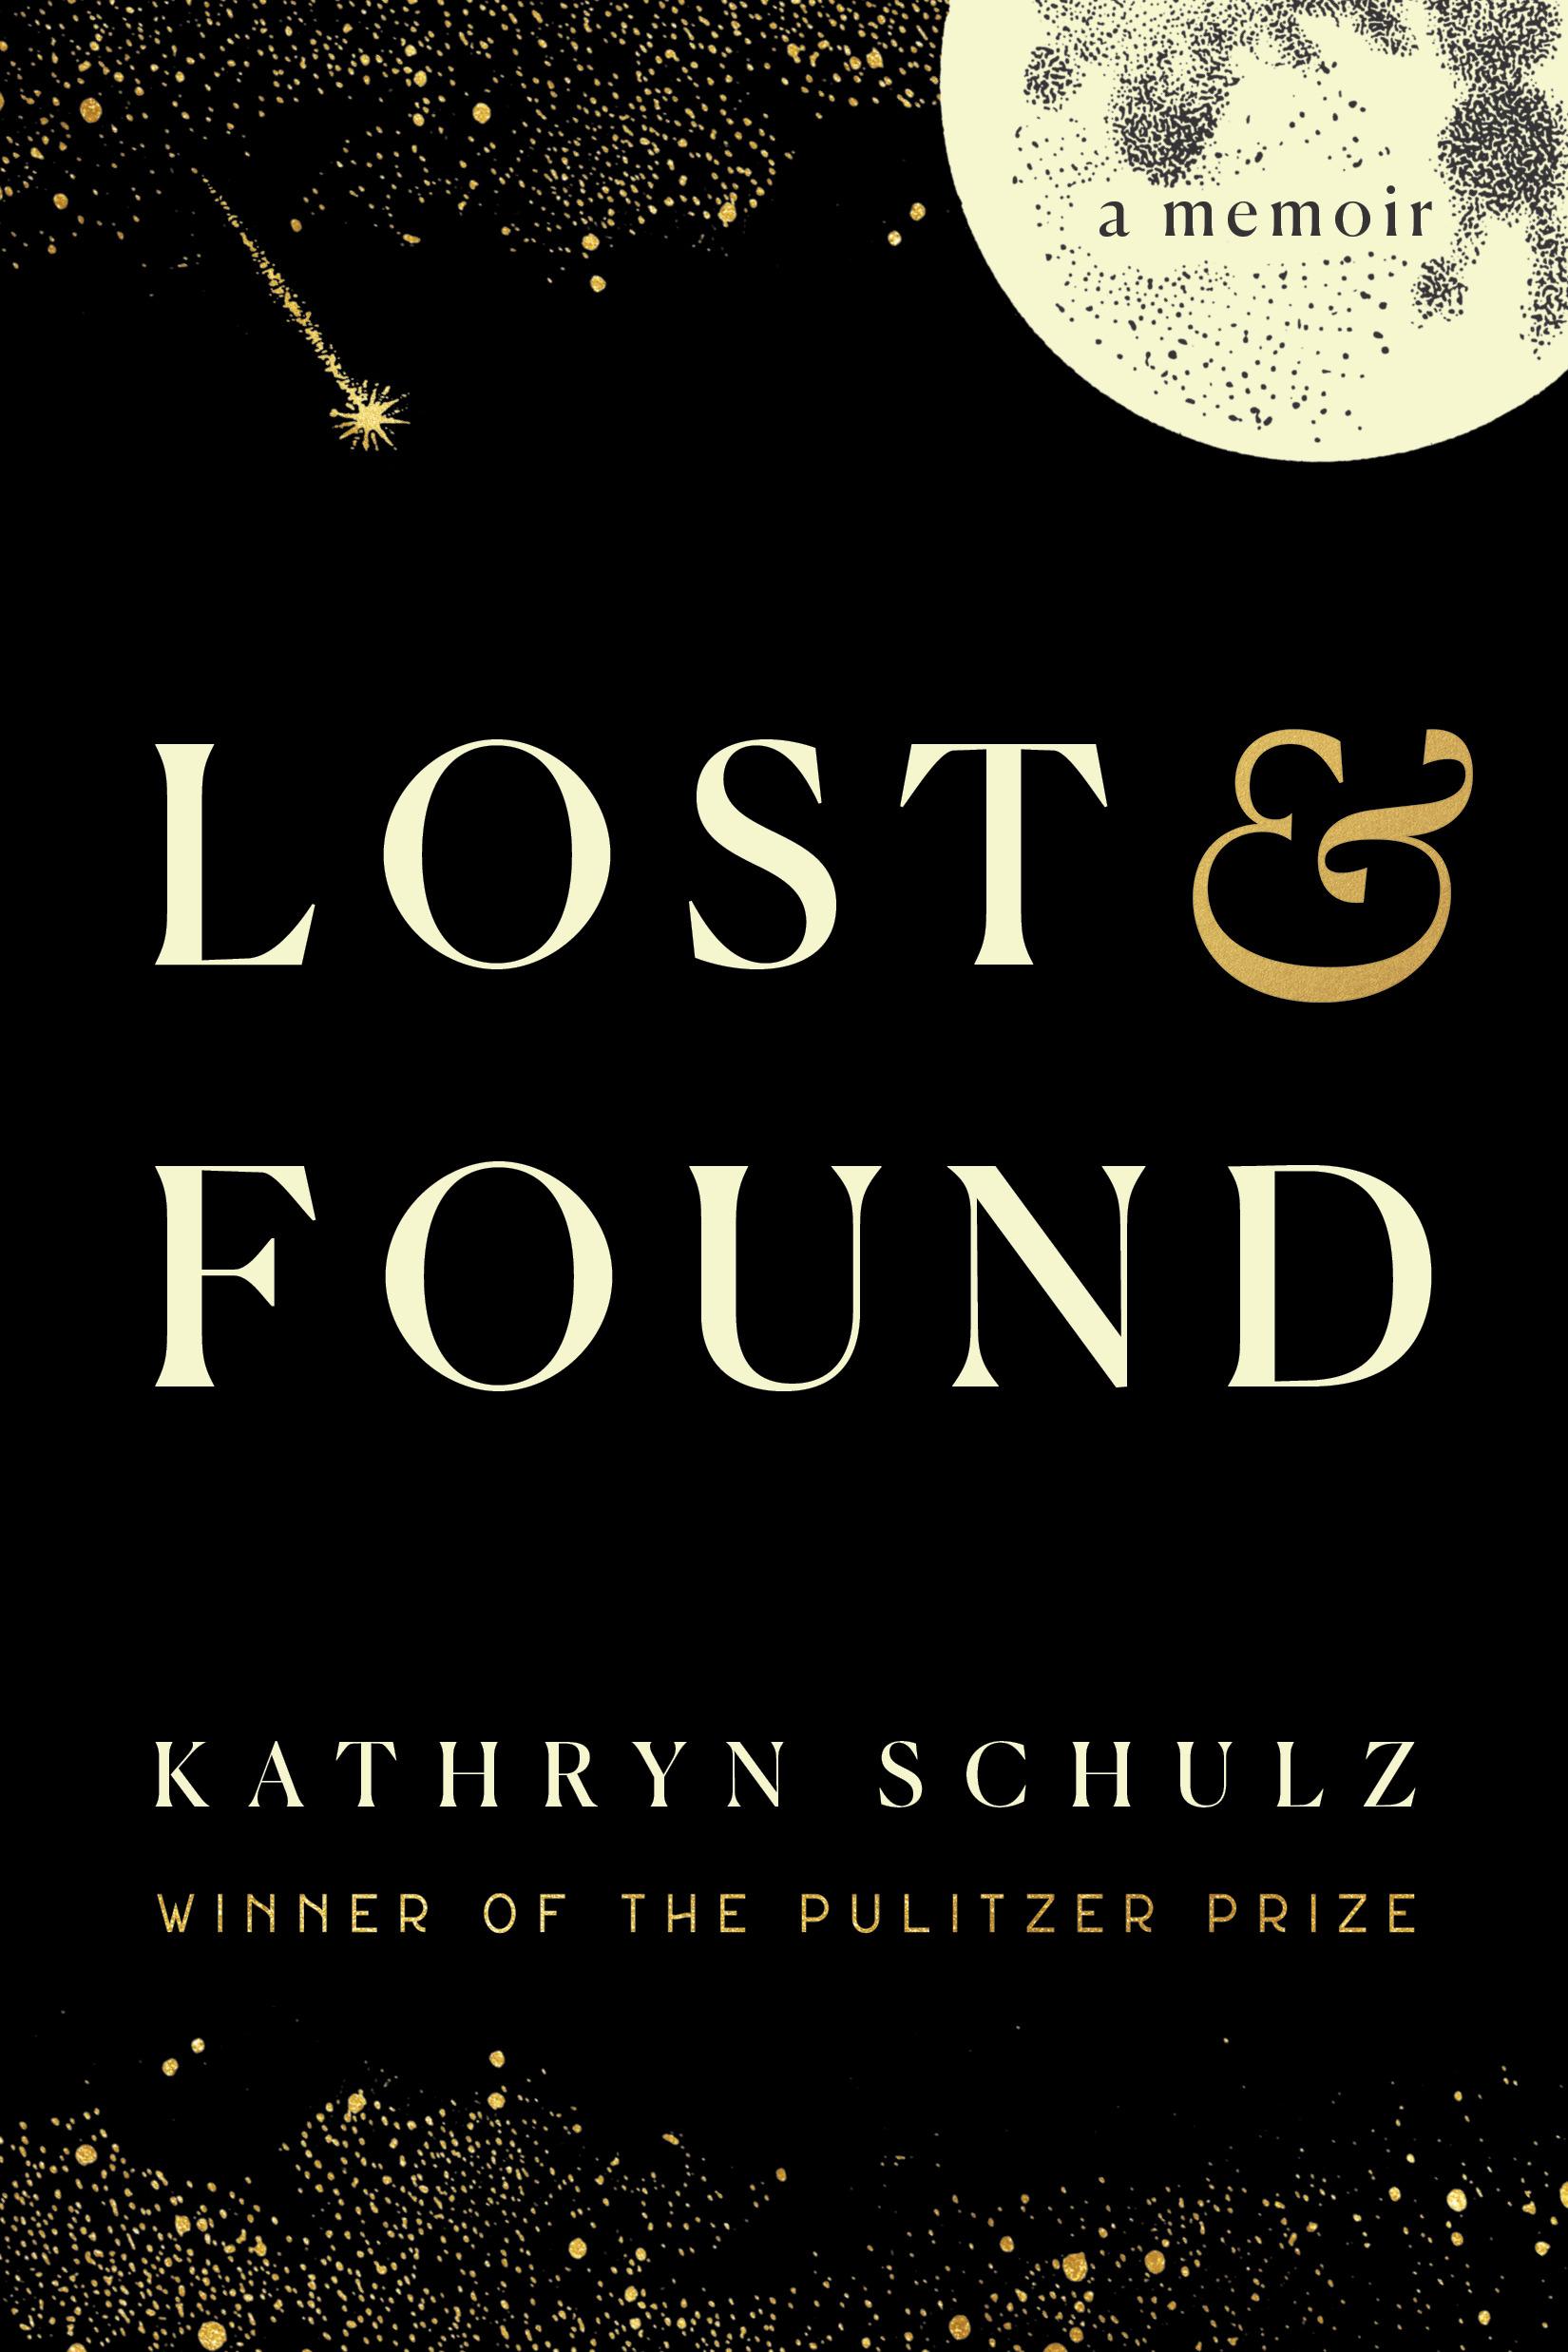 Lost & Found: A Memoir